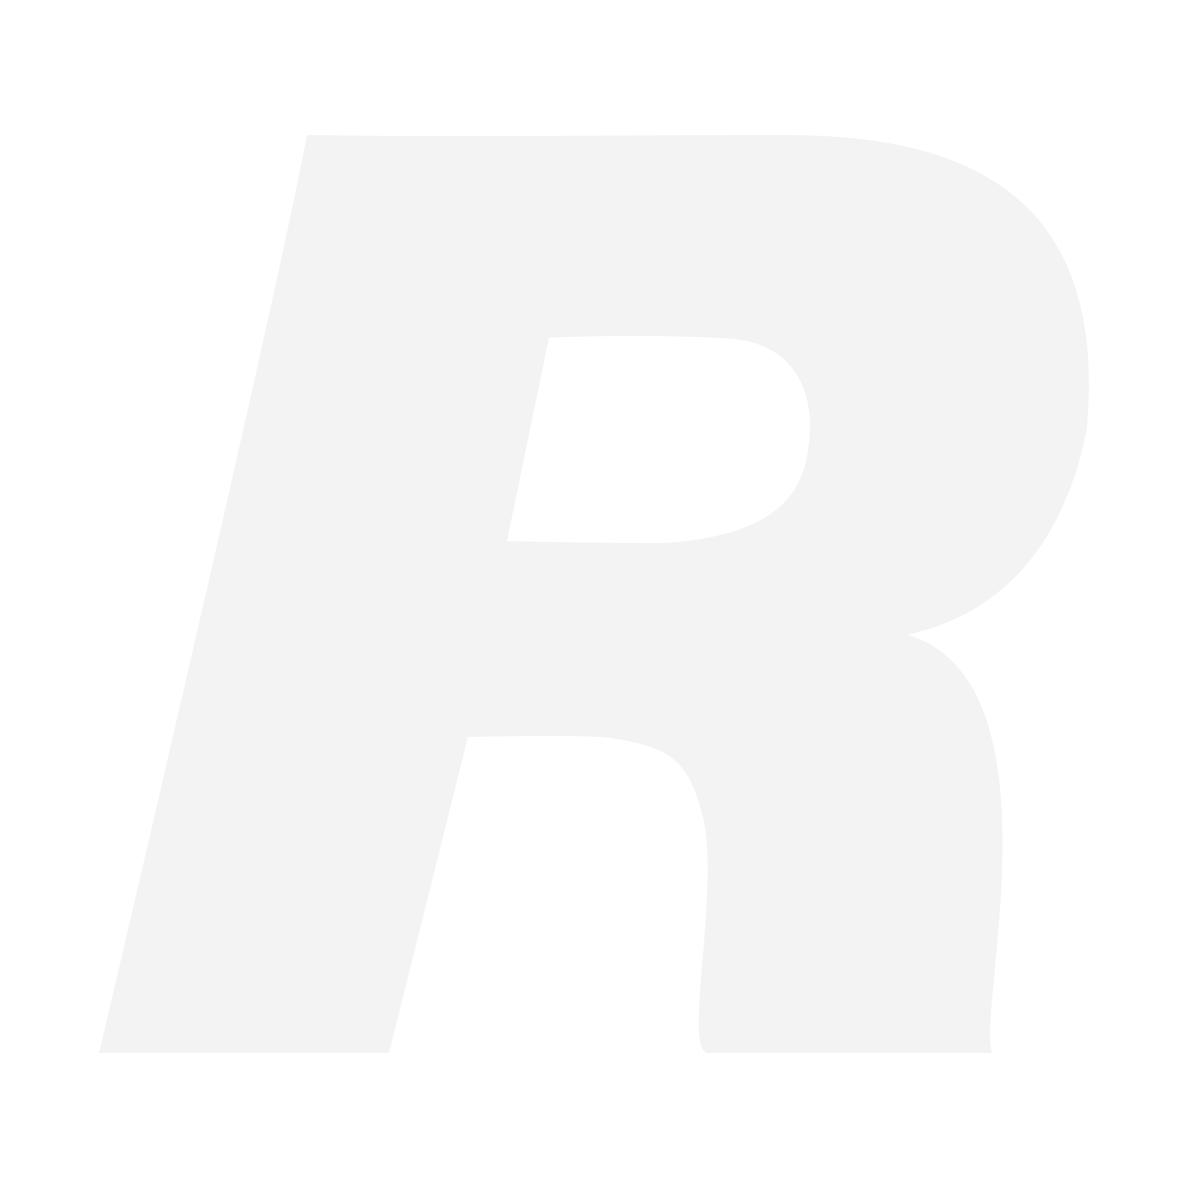 AURORA 3,5MM STEREO 2X RCA 3M